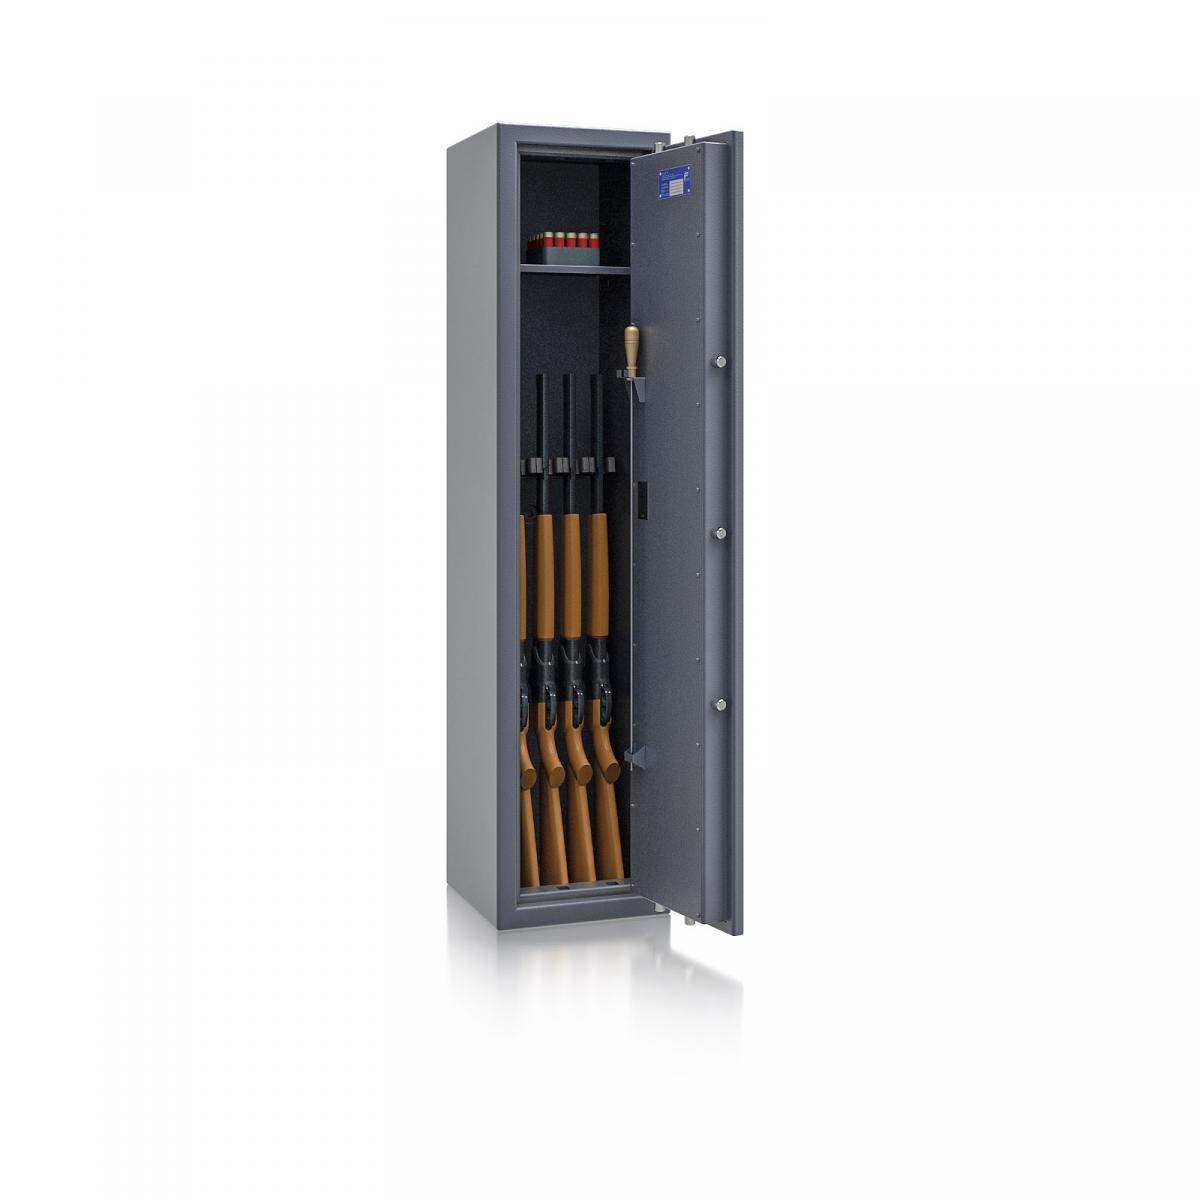 Waffenschrank St. Gallen WF NEW 3 - 1500x350x350 / 131kg 56472 / Klasse I / RAL7024 / Elektr. Basic / DIN R